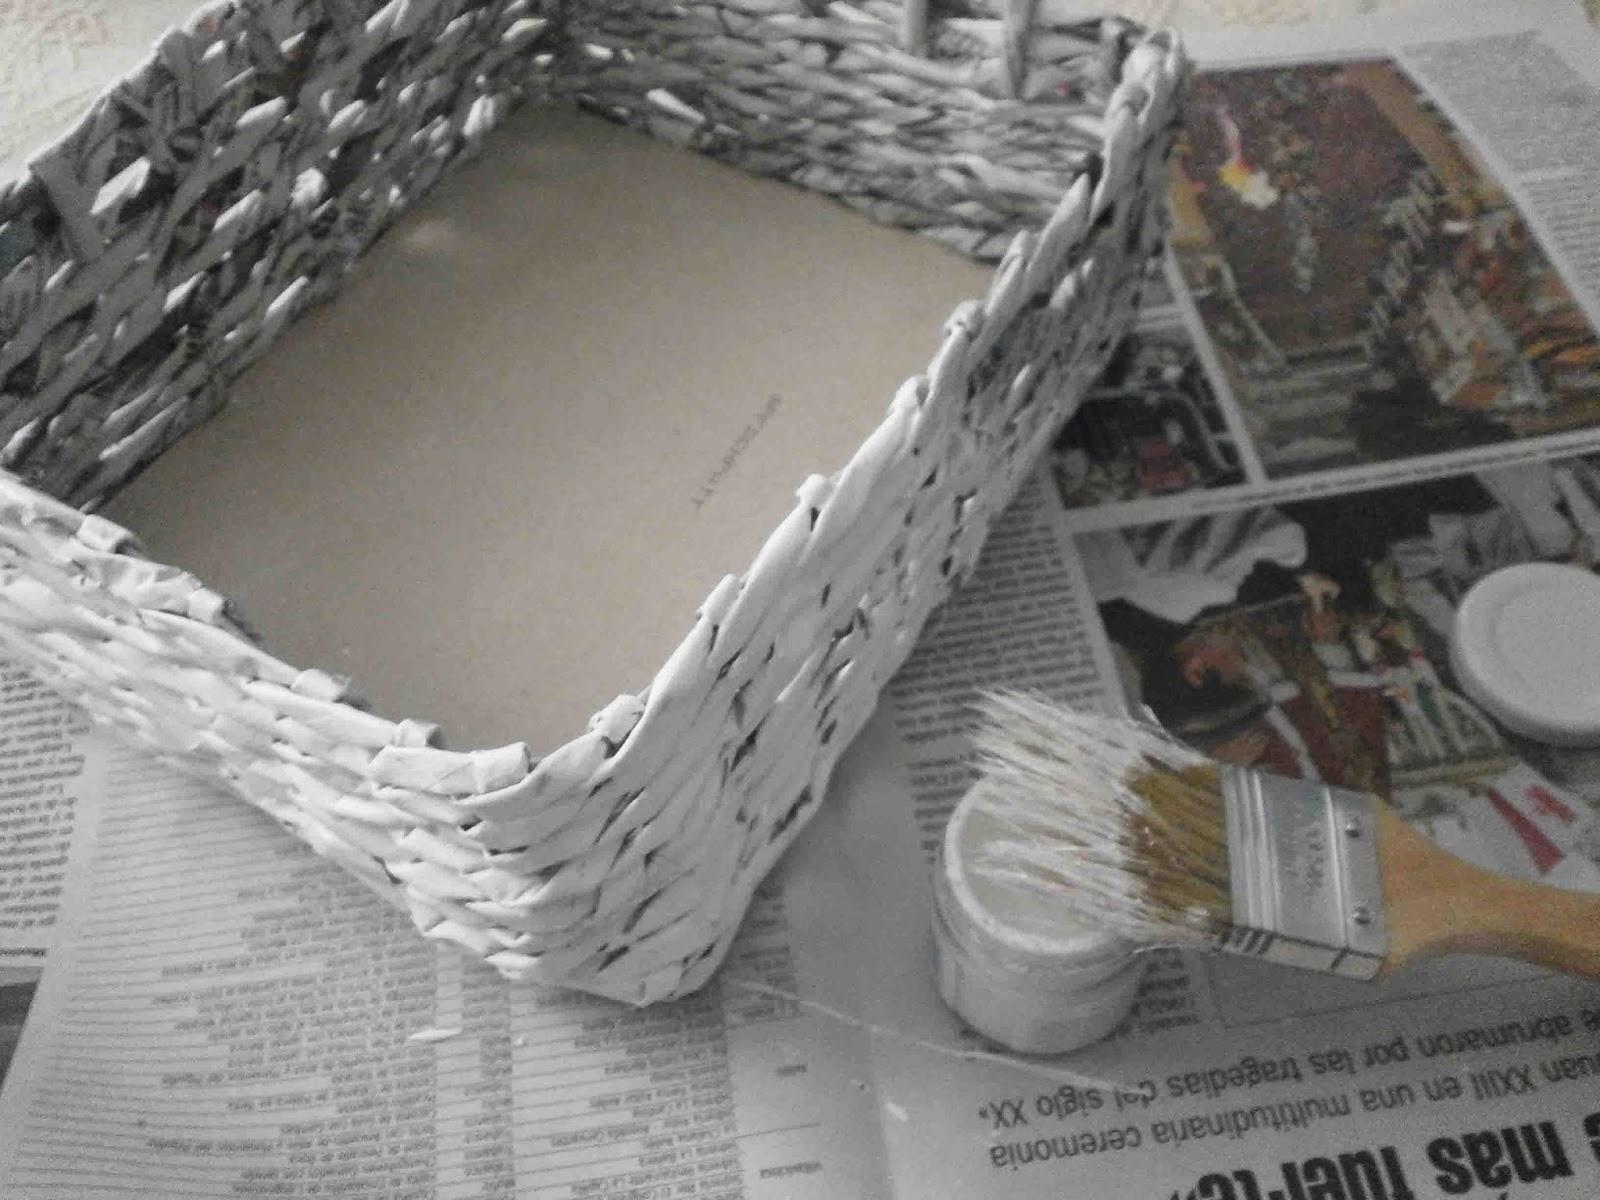 Manualidades herme diy como hacer una cesta de papel de peri dico - Decorar cestas de mimbre paso a paso ...